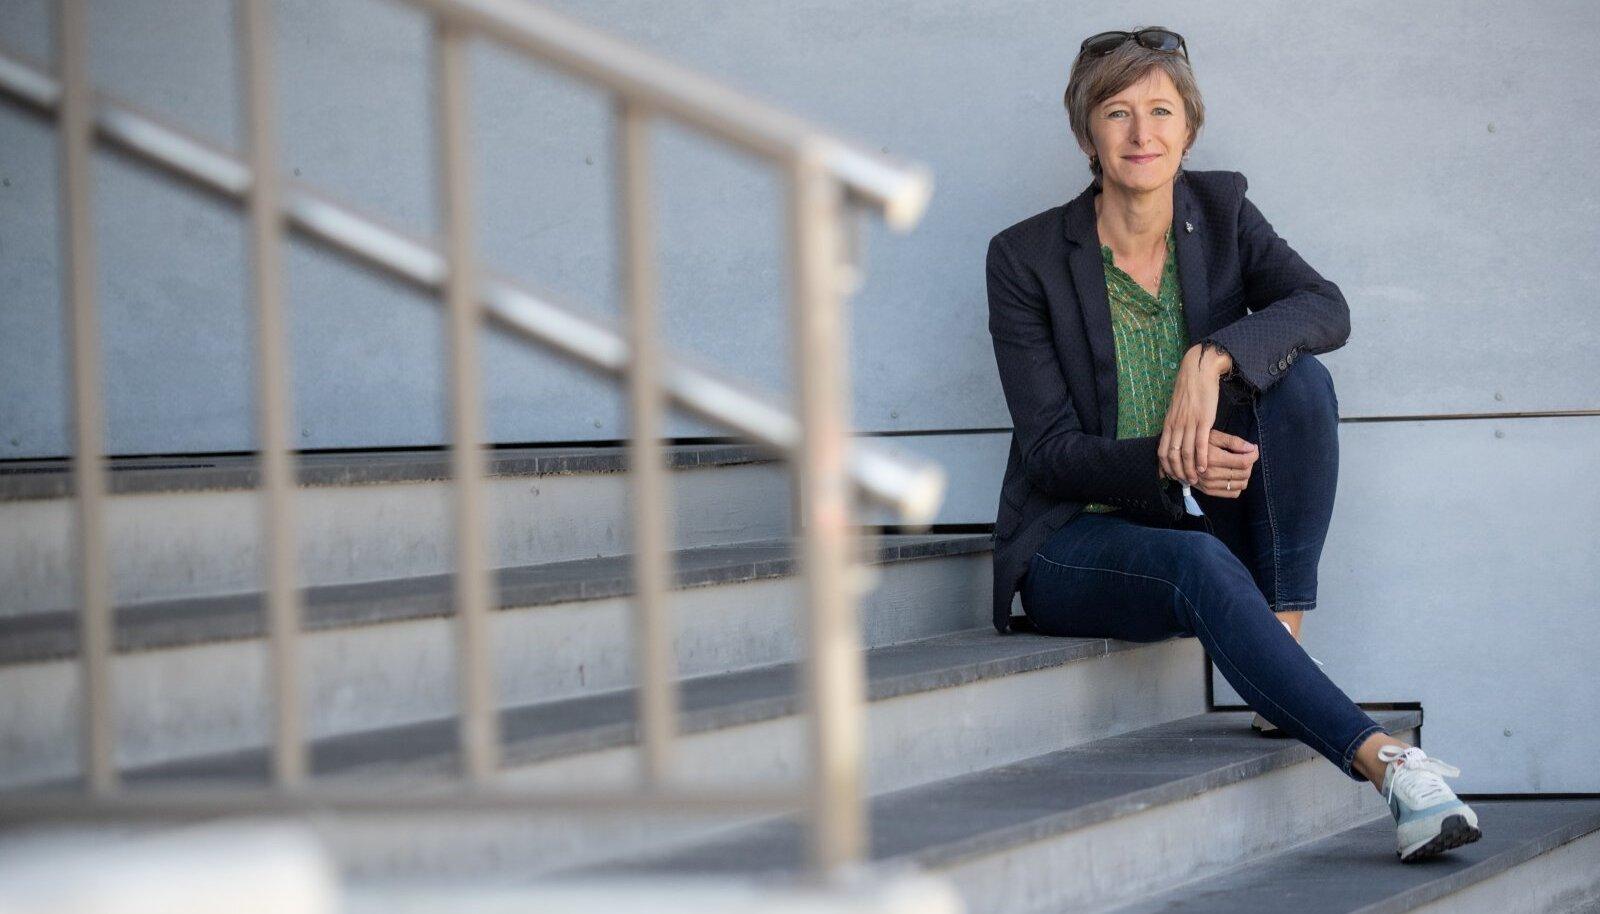 """Kristen Davis juhib Latitude59 arutelu, mille teema on ajakohane: millal ja miks äri lõpetada ja uuesti alustada? """"Ma usun, et see on eriti oluline praeguses olukorras, nii COVID-19 kui ka kliima soojenemise kontekstis,"""" märgib Davis."""